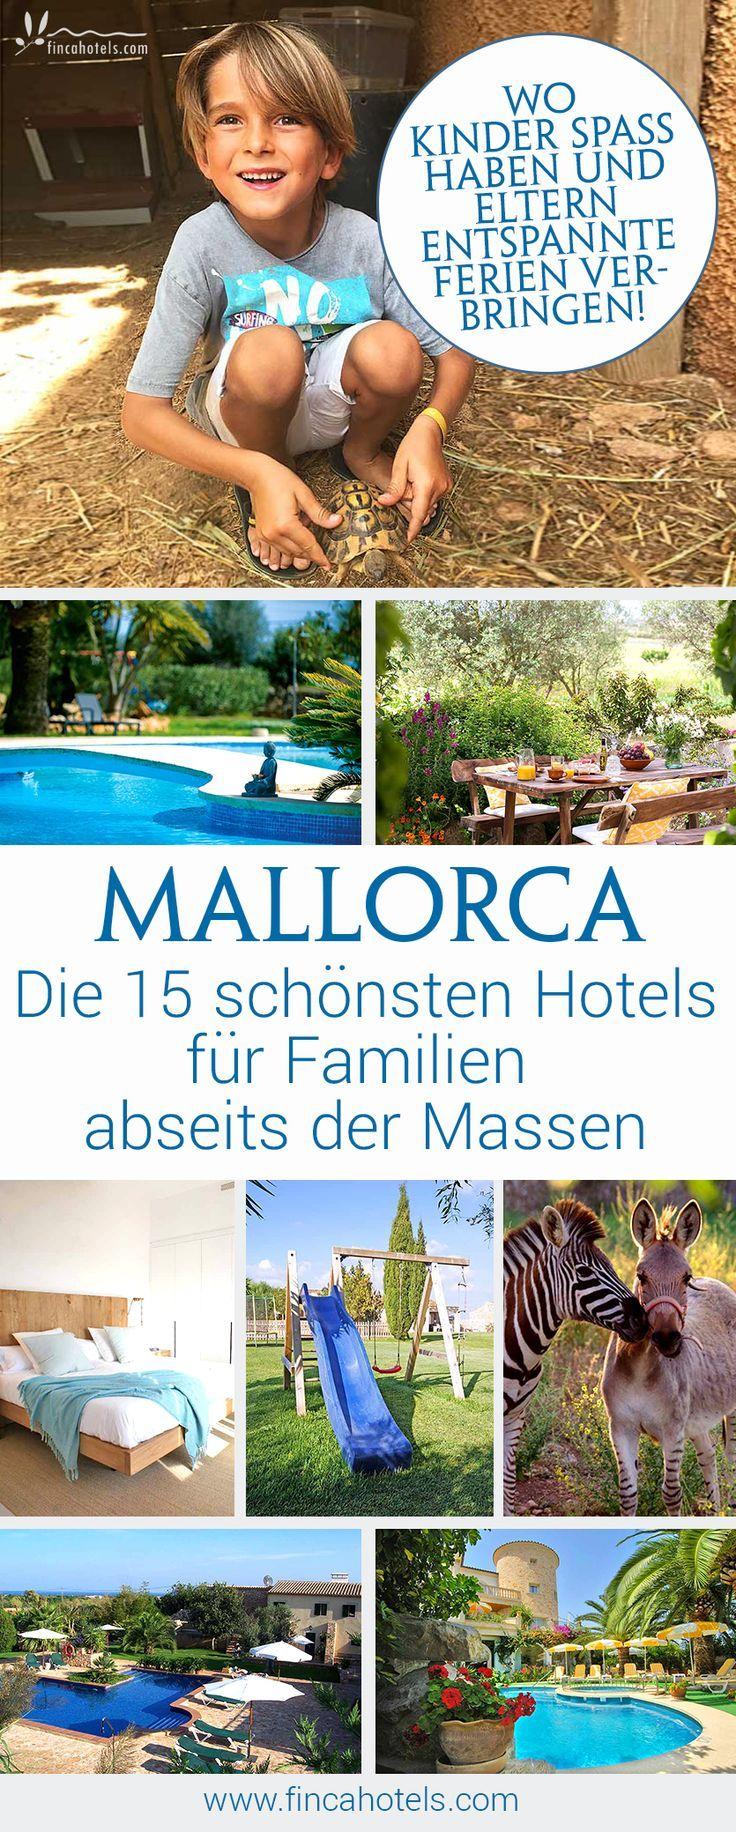 Du suchst noch nach dem idealen Hotel für deinen nächsten Urlaub mit der ganzen Familie auf Mallorca? Wir haben dir die schönsten Familienhotels abseits der Massen zusammen gestellt – egal, ob du Urlaub auf dem Bauernhof, am Strand oder im Inselinneren mit Kind verbringen möchtest, hier findest du die TOP-Empfehlungen #urlaub #mallorca #hotel #urlaubmitkind #urlaubaufdembauernhof #bauernhofhotel #fincahotel #fincahotels – Melanie Tri